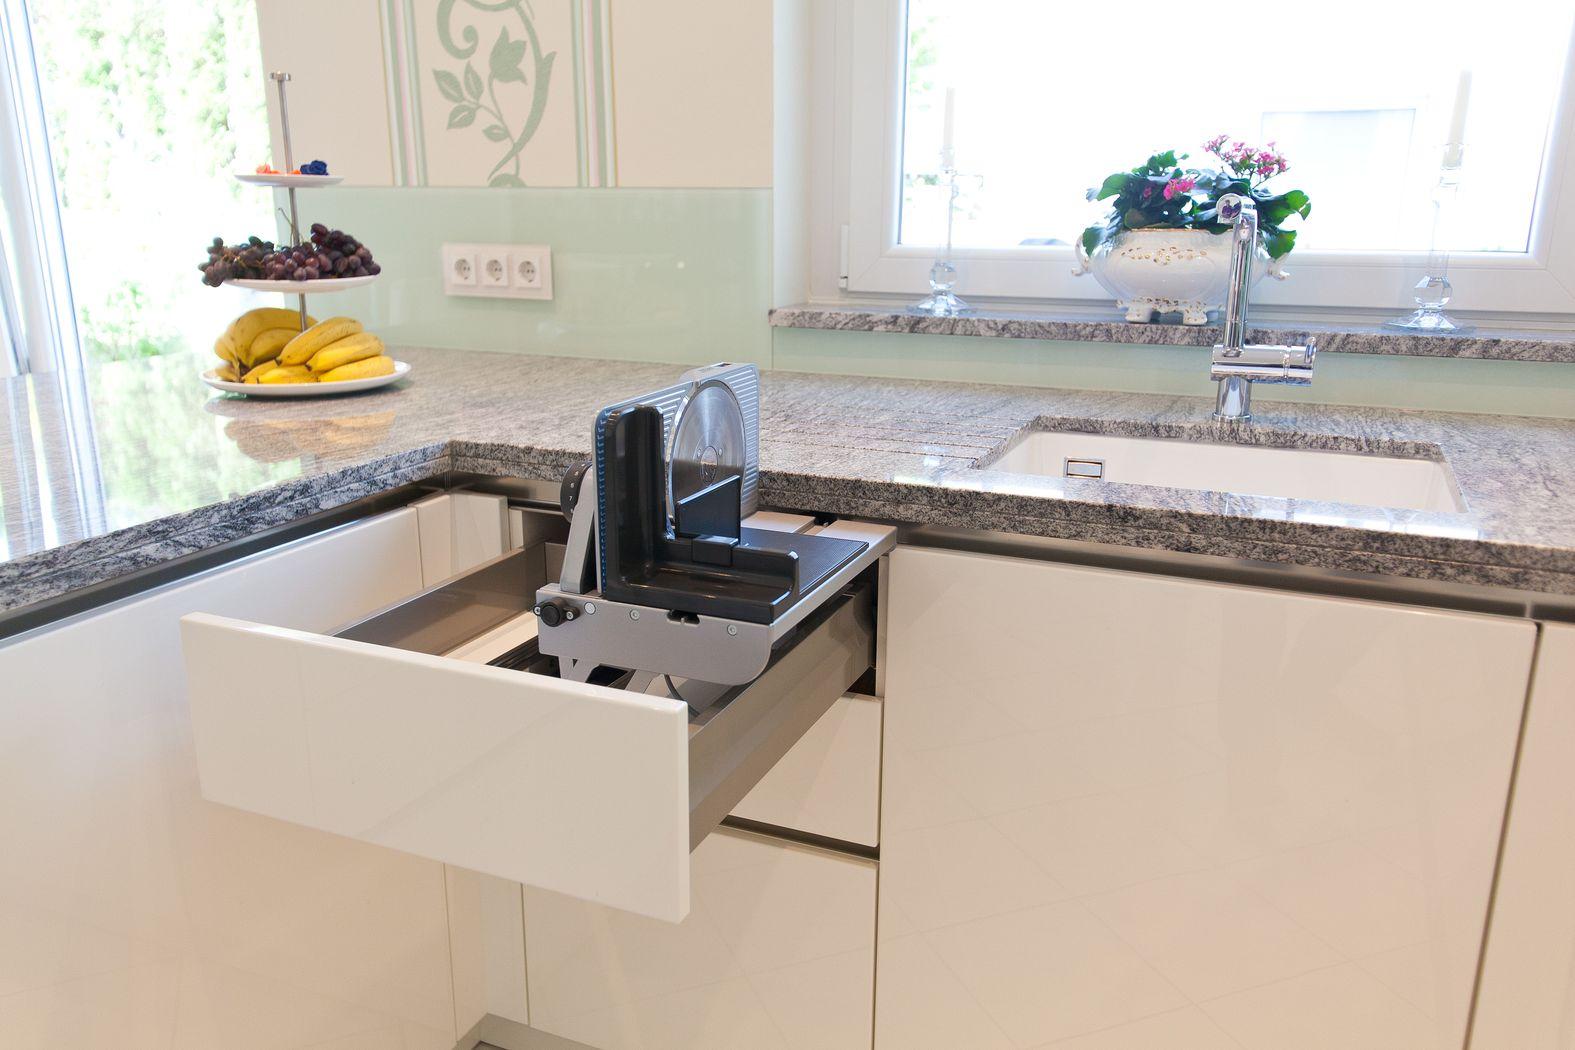 Rückwand Küche Glas Fabelhafte Moderne Leicht Küche Mit Glas Glas ...